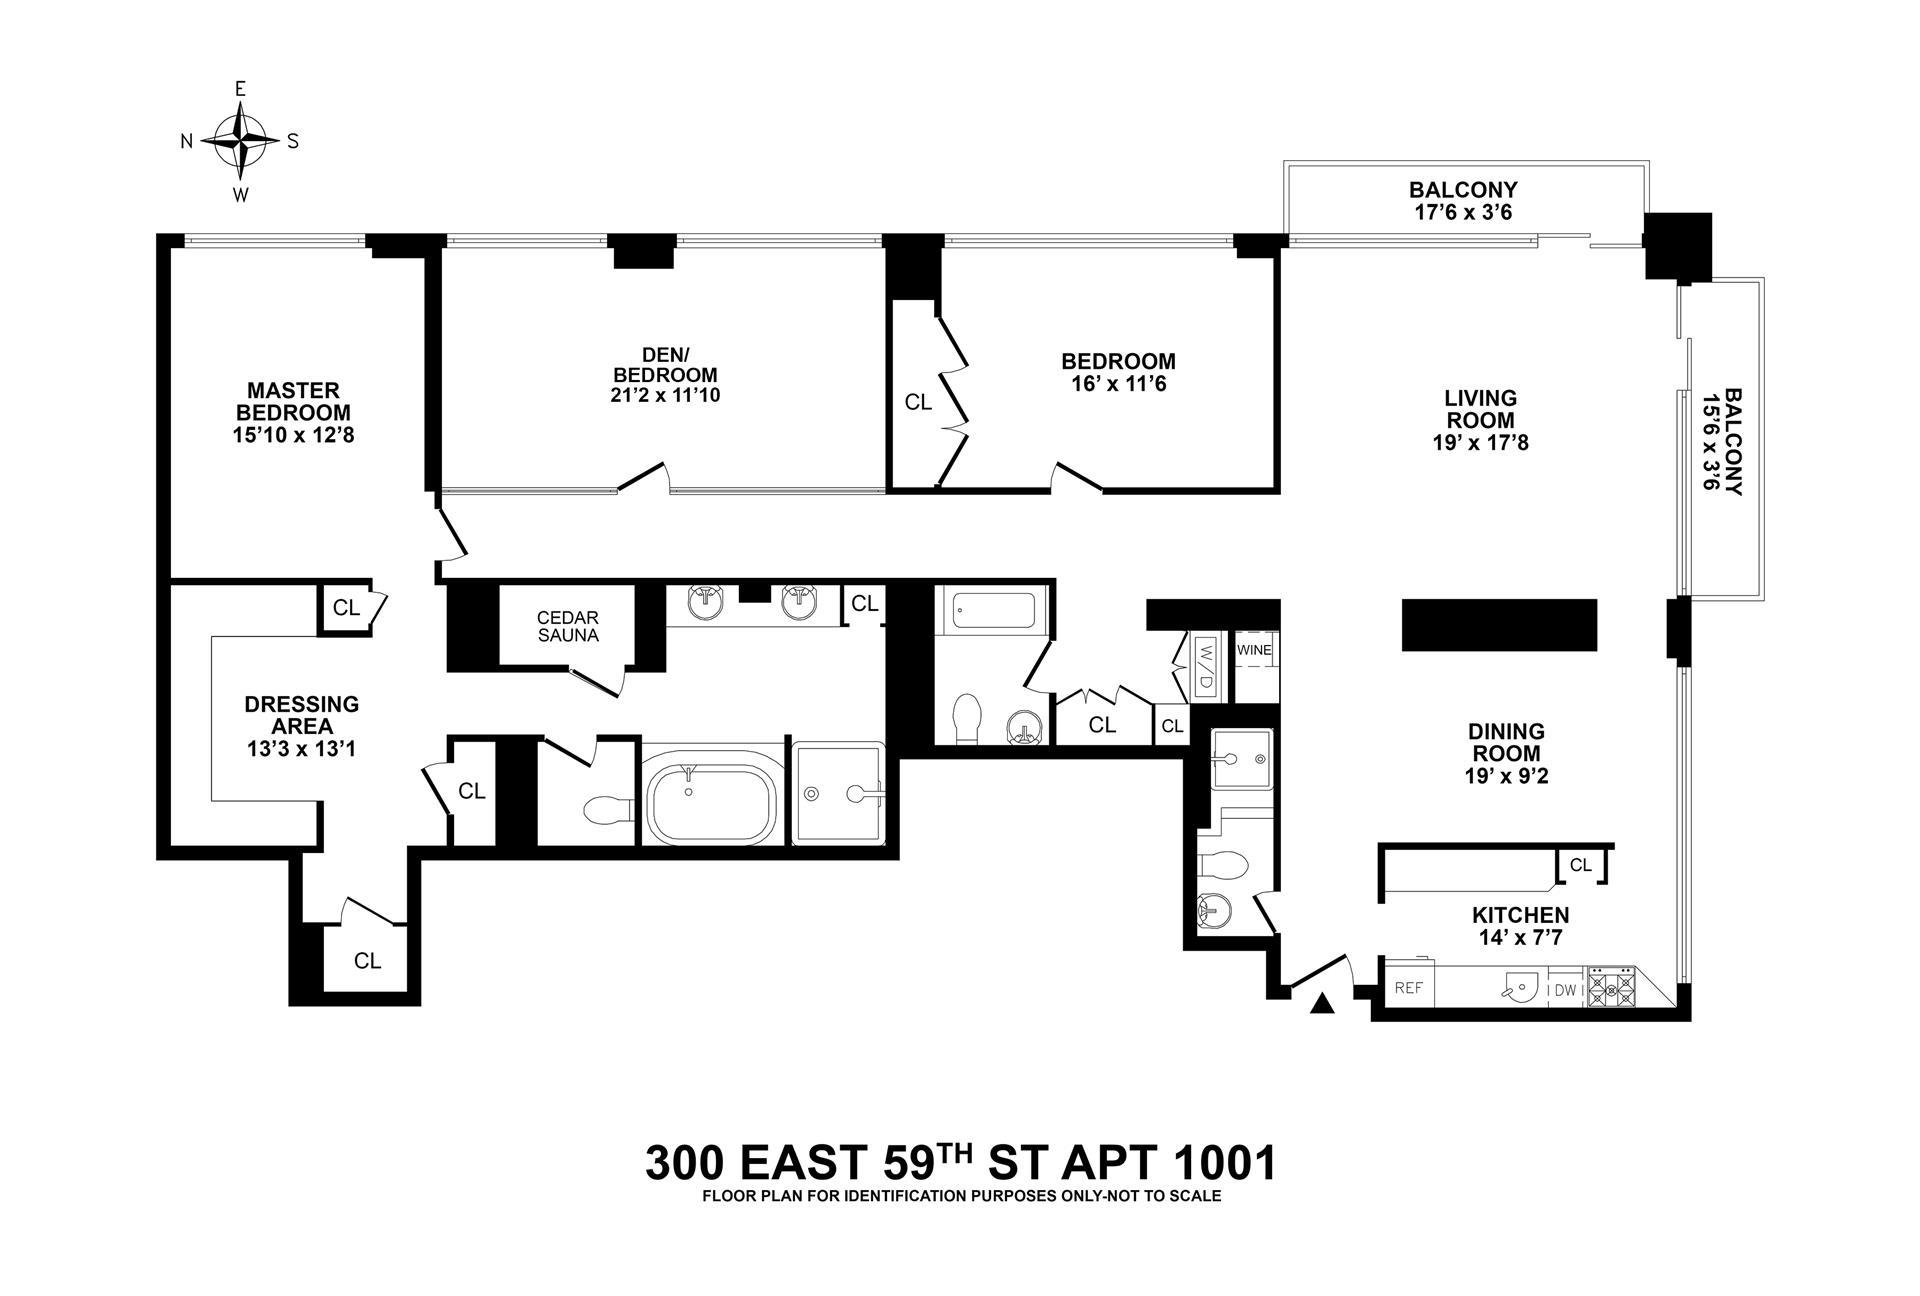 Floor plan of 300 East 59th St, 1001 - Upper East Side, New York